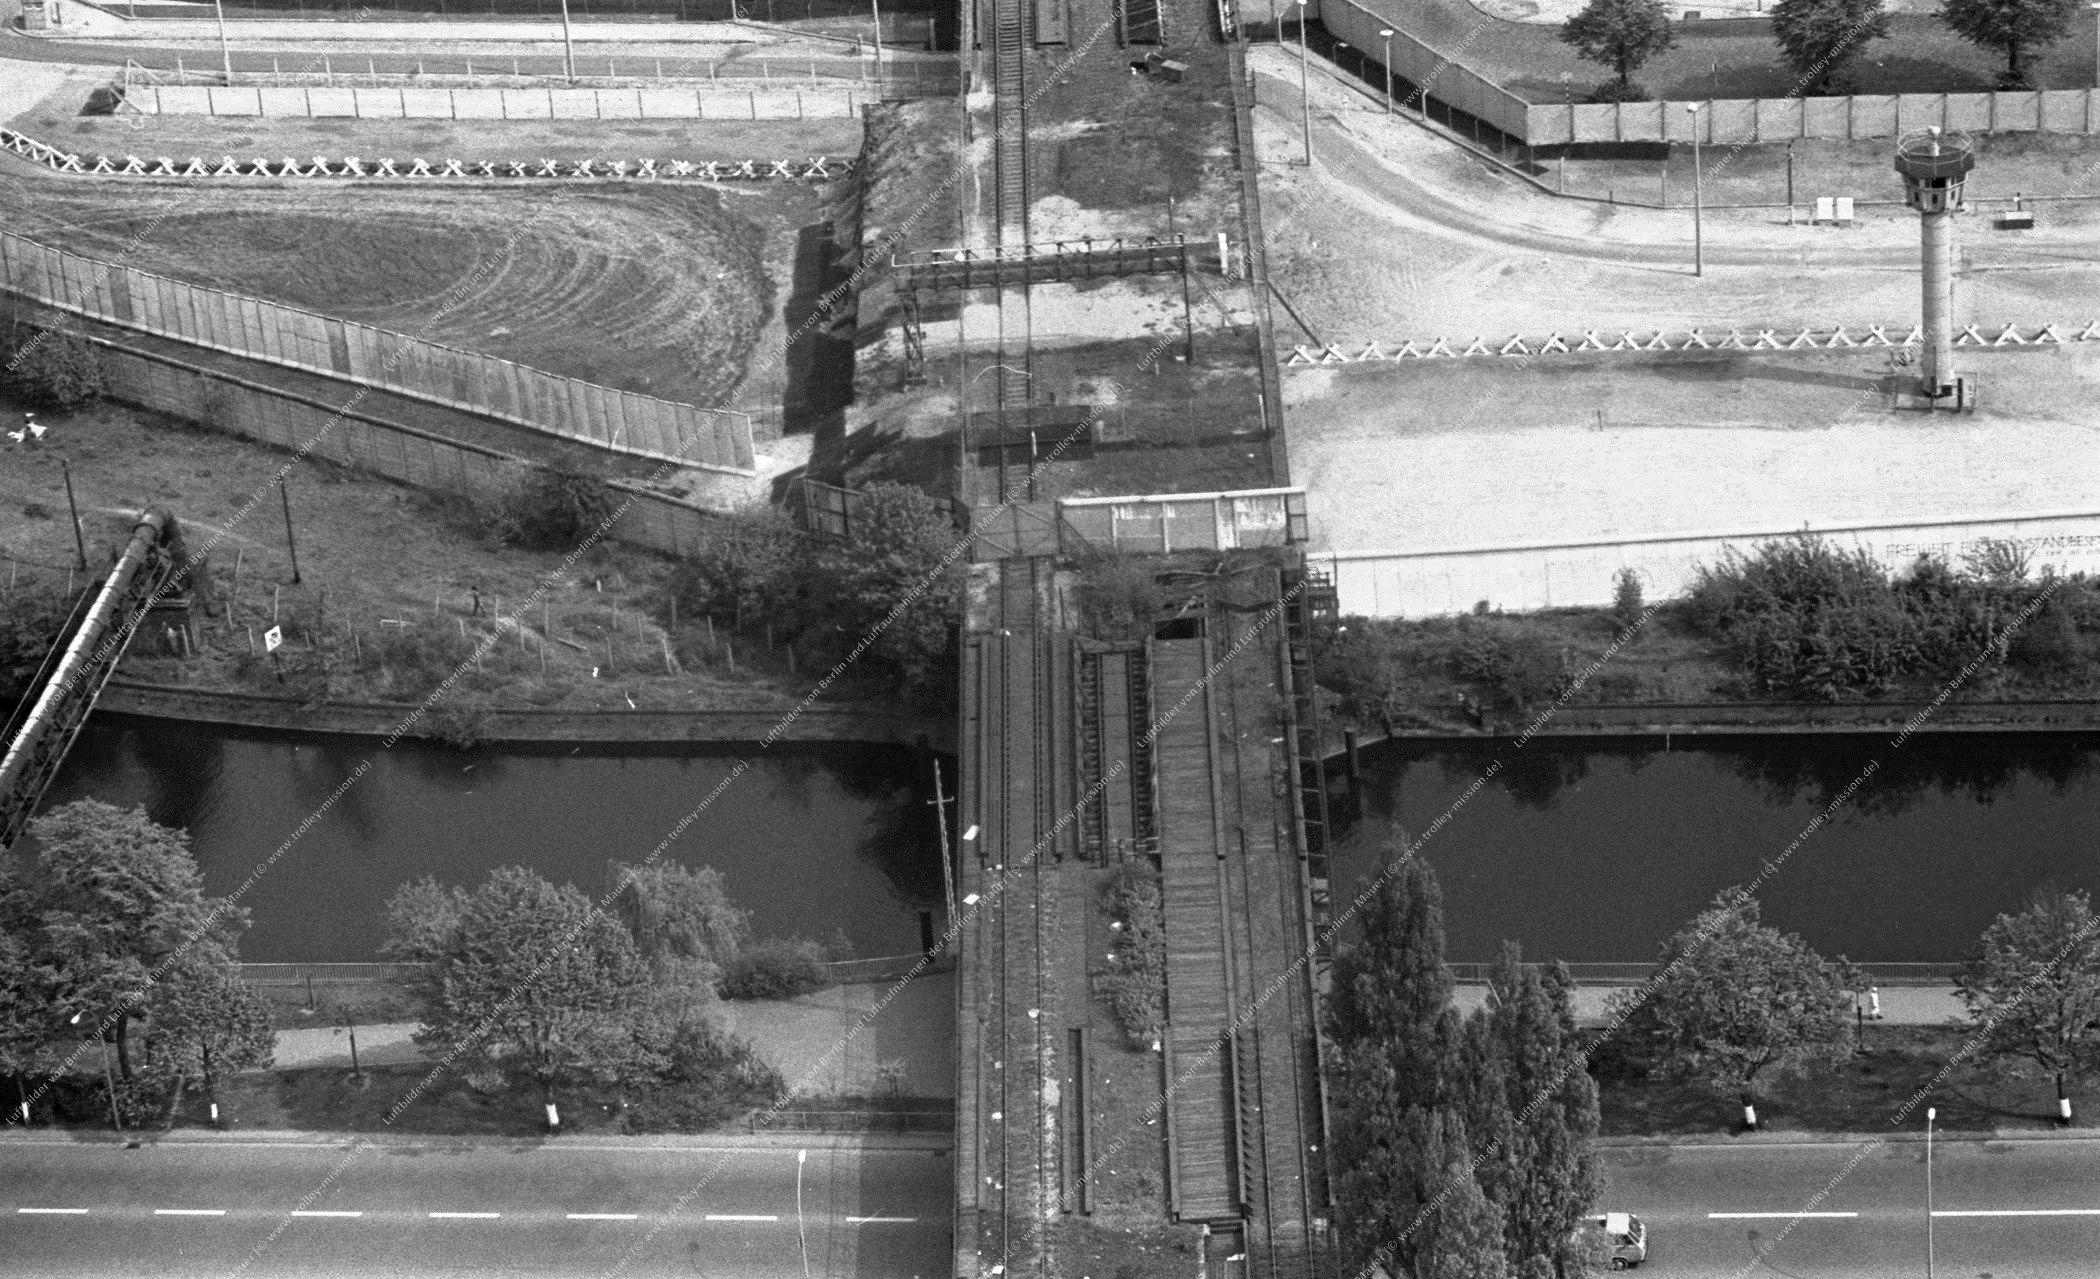 Berlin Luftaufnahme vom 12. Mai 1982 - Unbekannter Abschnitt der Berliner Mauer bzw. Grenze zur DDR (Bild 059)